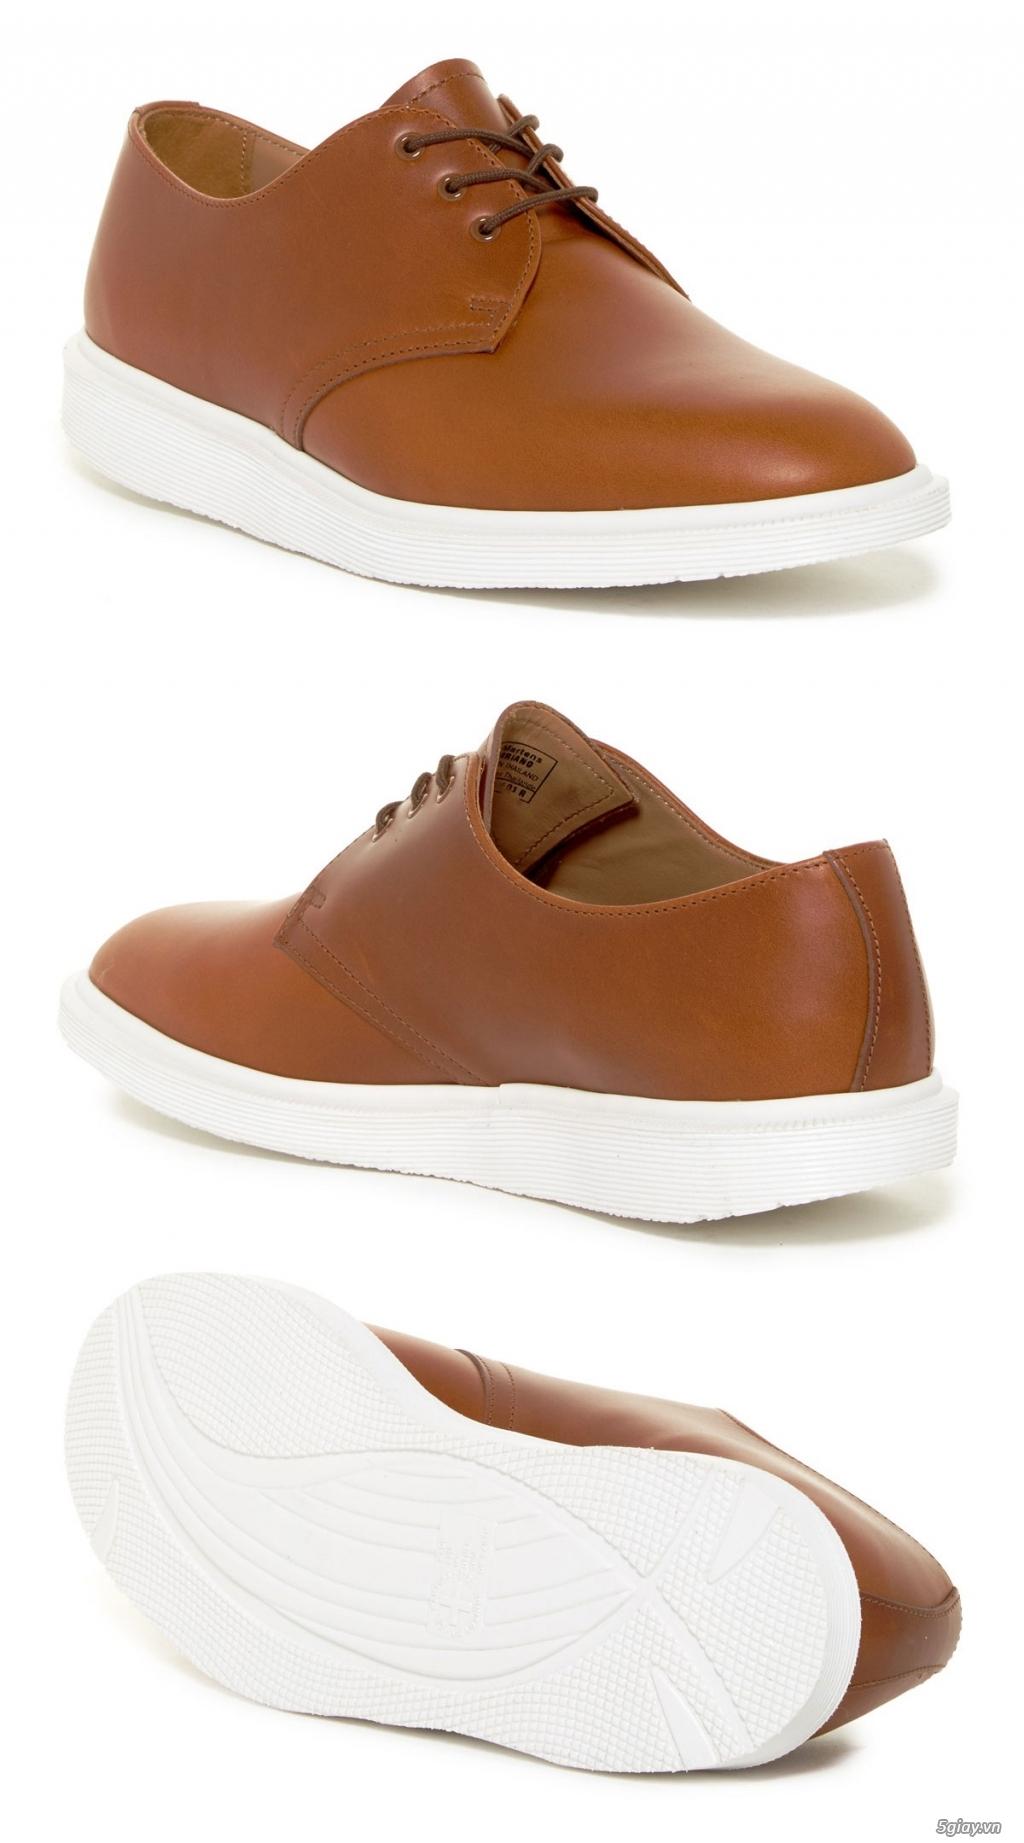 Giày dép hàng hiệu - xách tay 100% từ mỹ - 16